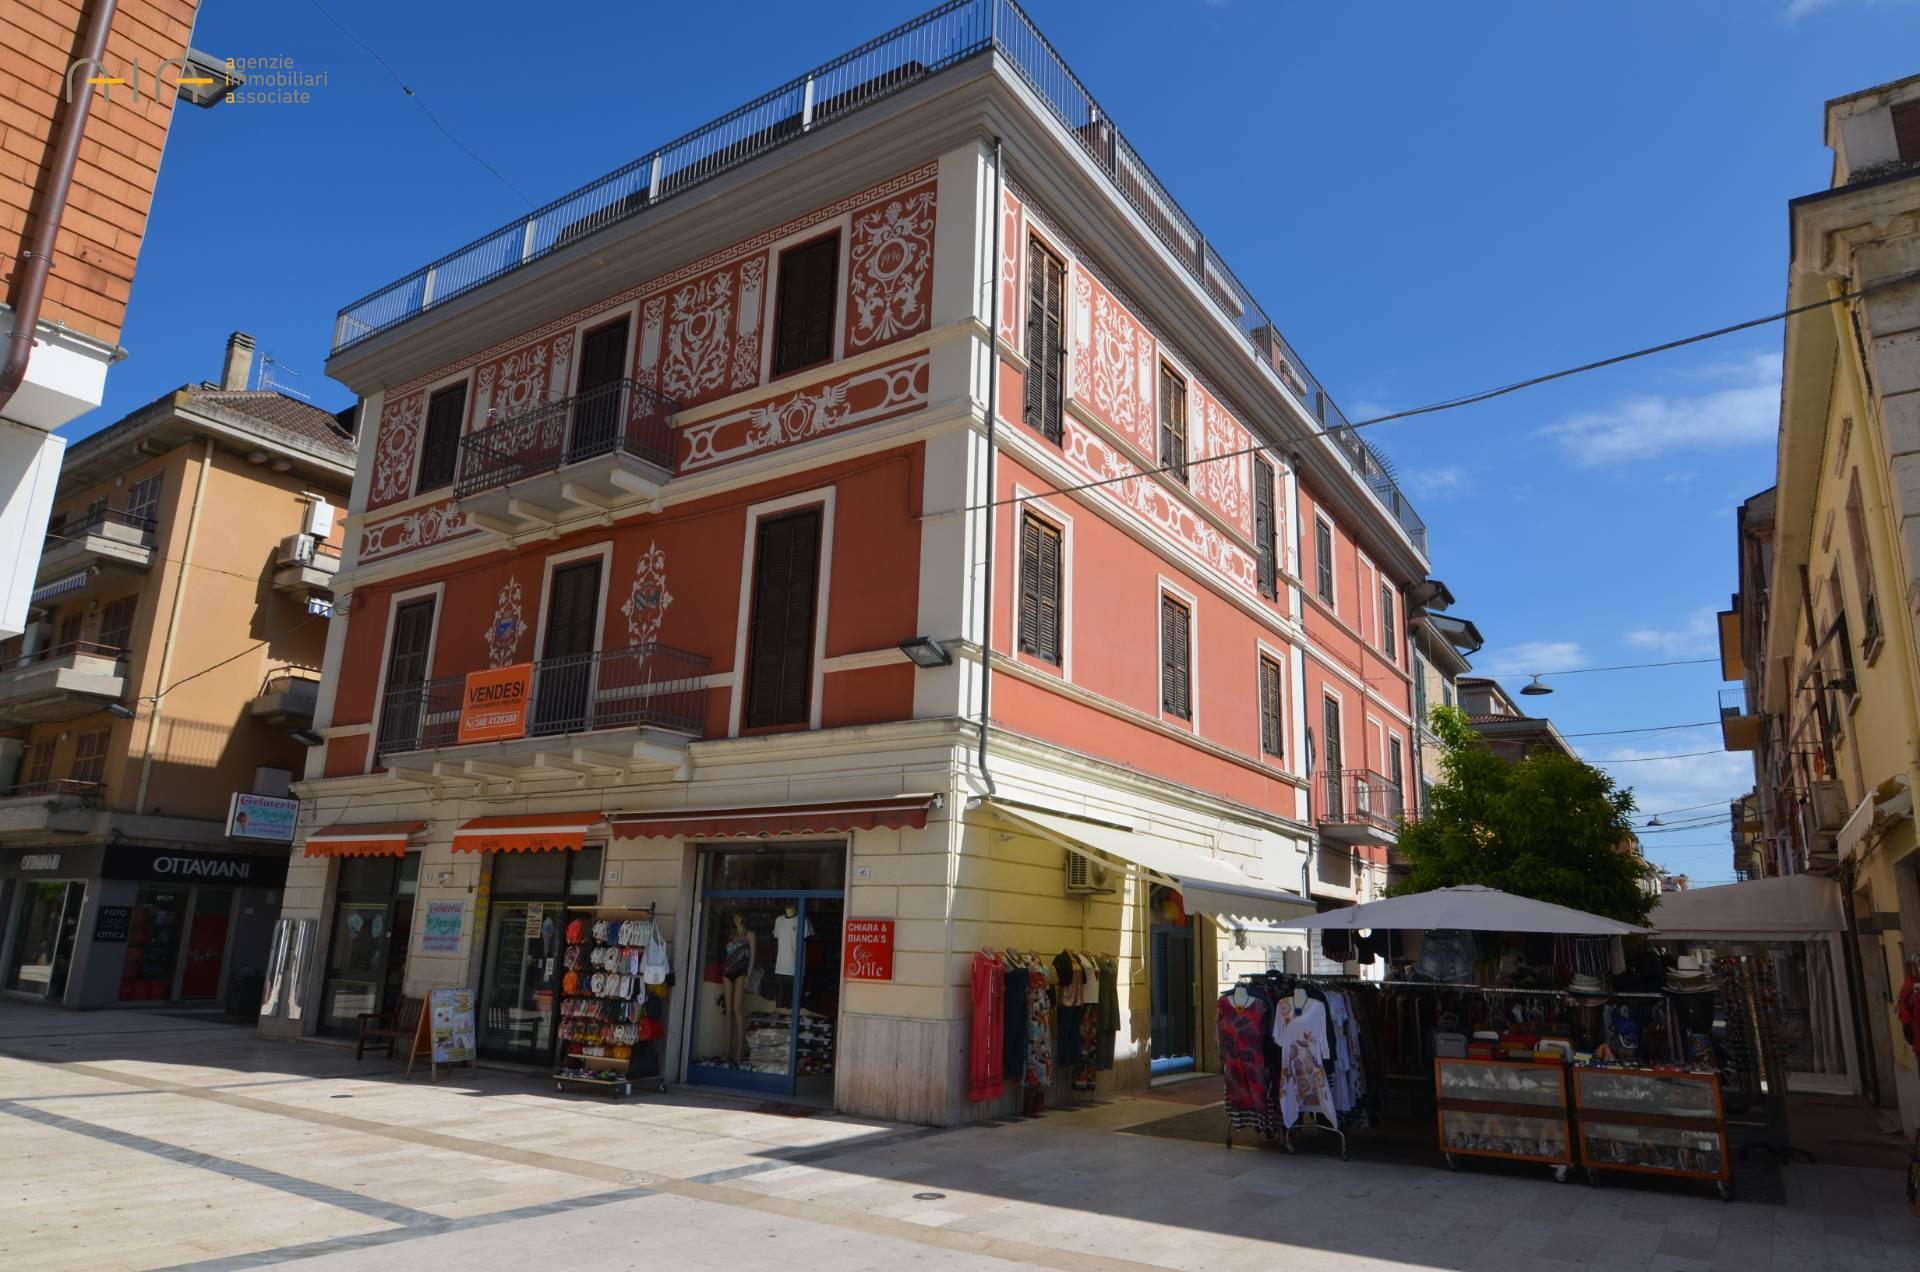 Appartamento in vendita a Grottammare, 3 locali, zona Località: Centrale(traLass16eferrovia,finoalfiumeTesino, prezzo € 180.000 | CambioCasa.it